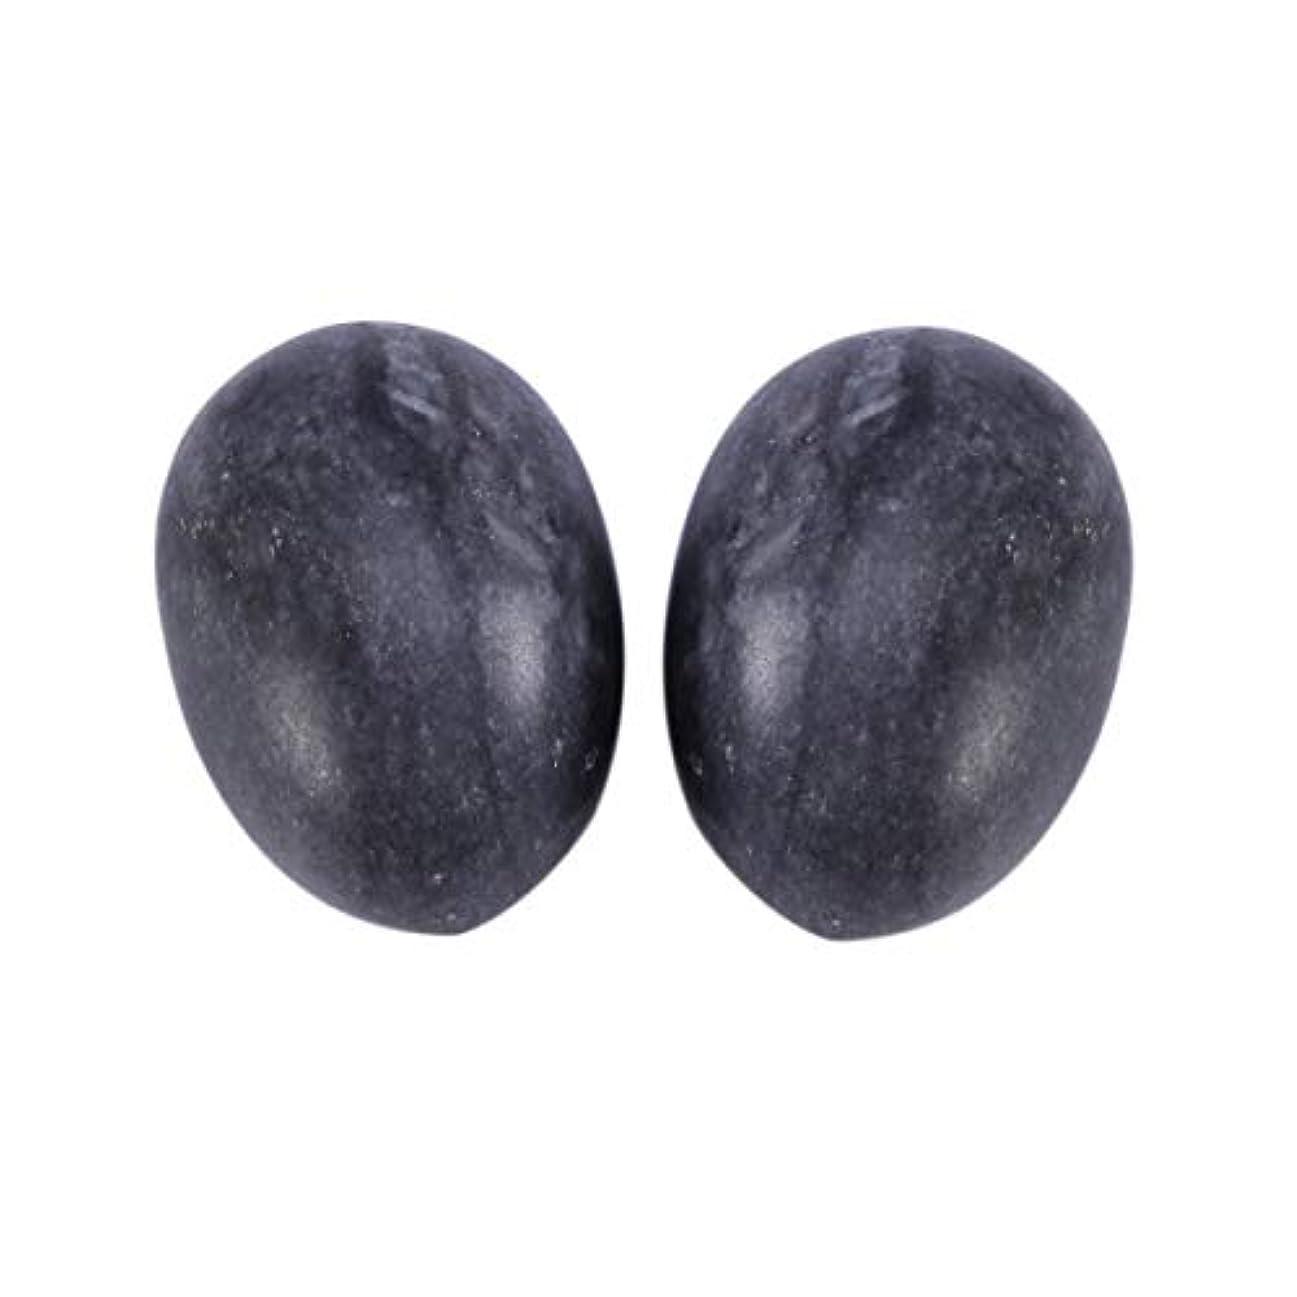 ケーブルカー略語喪SUPVOX 6本ネフライトジェイドヨニエッグジェイドヨニマッサージストーンチャクラ骨盤筋肉癒しの卵マッサージケゲルエクササイズ(ブラックブルージェイドエッグ)